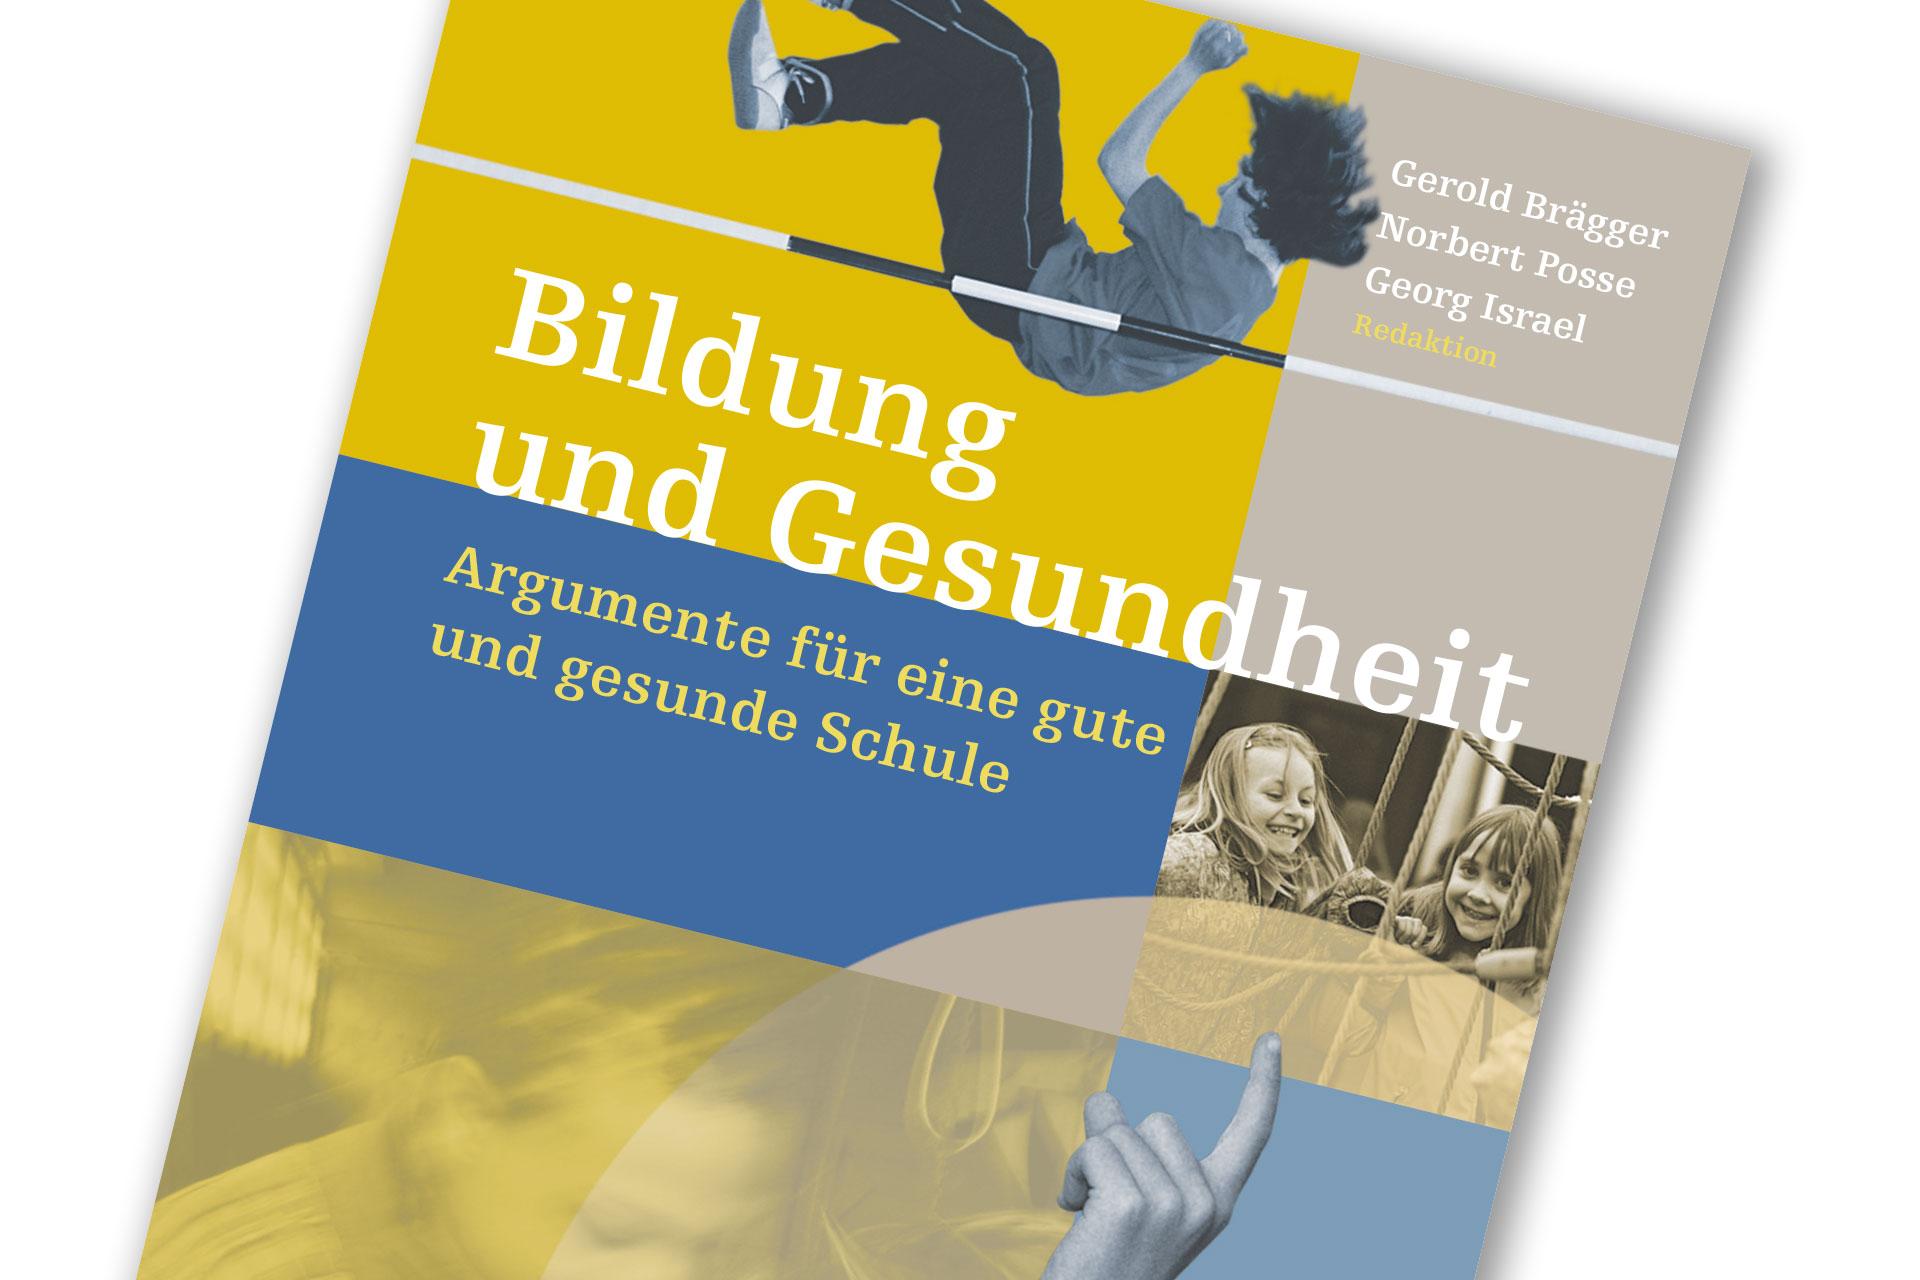 Titelseite der Publikation Bildung und Gesundheit (Reader)